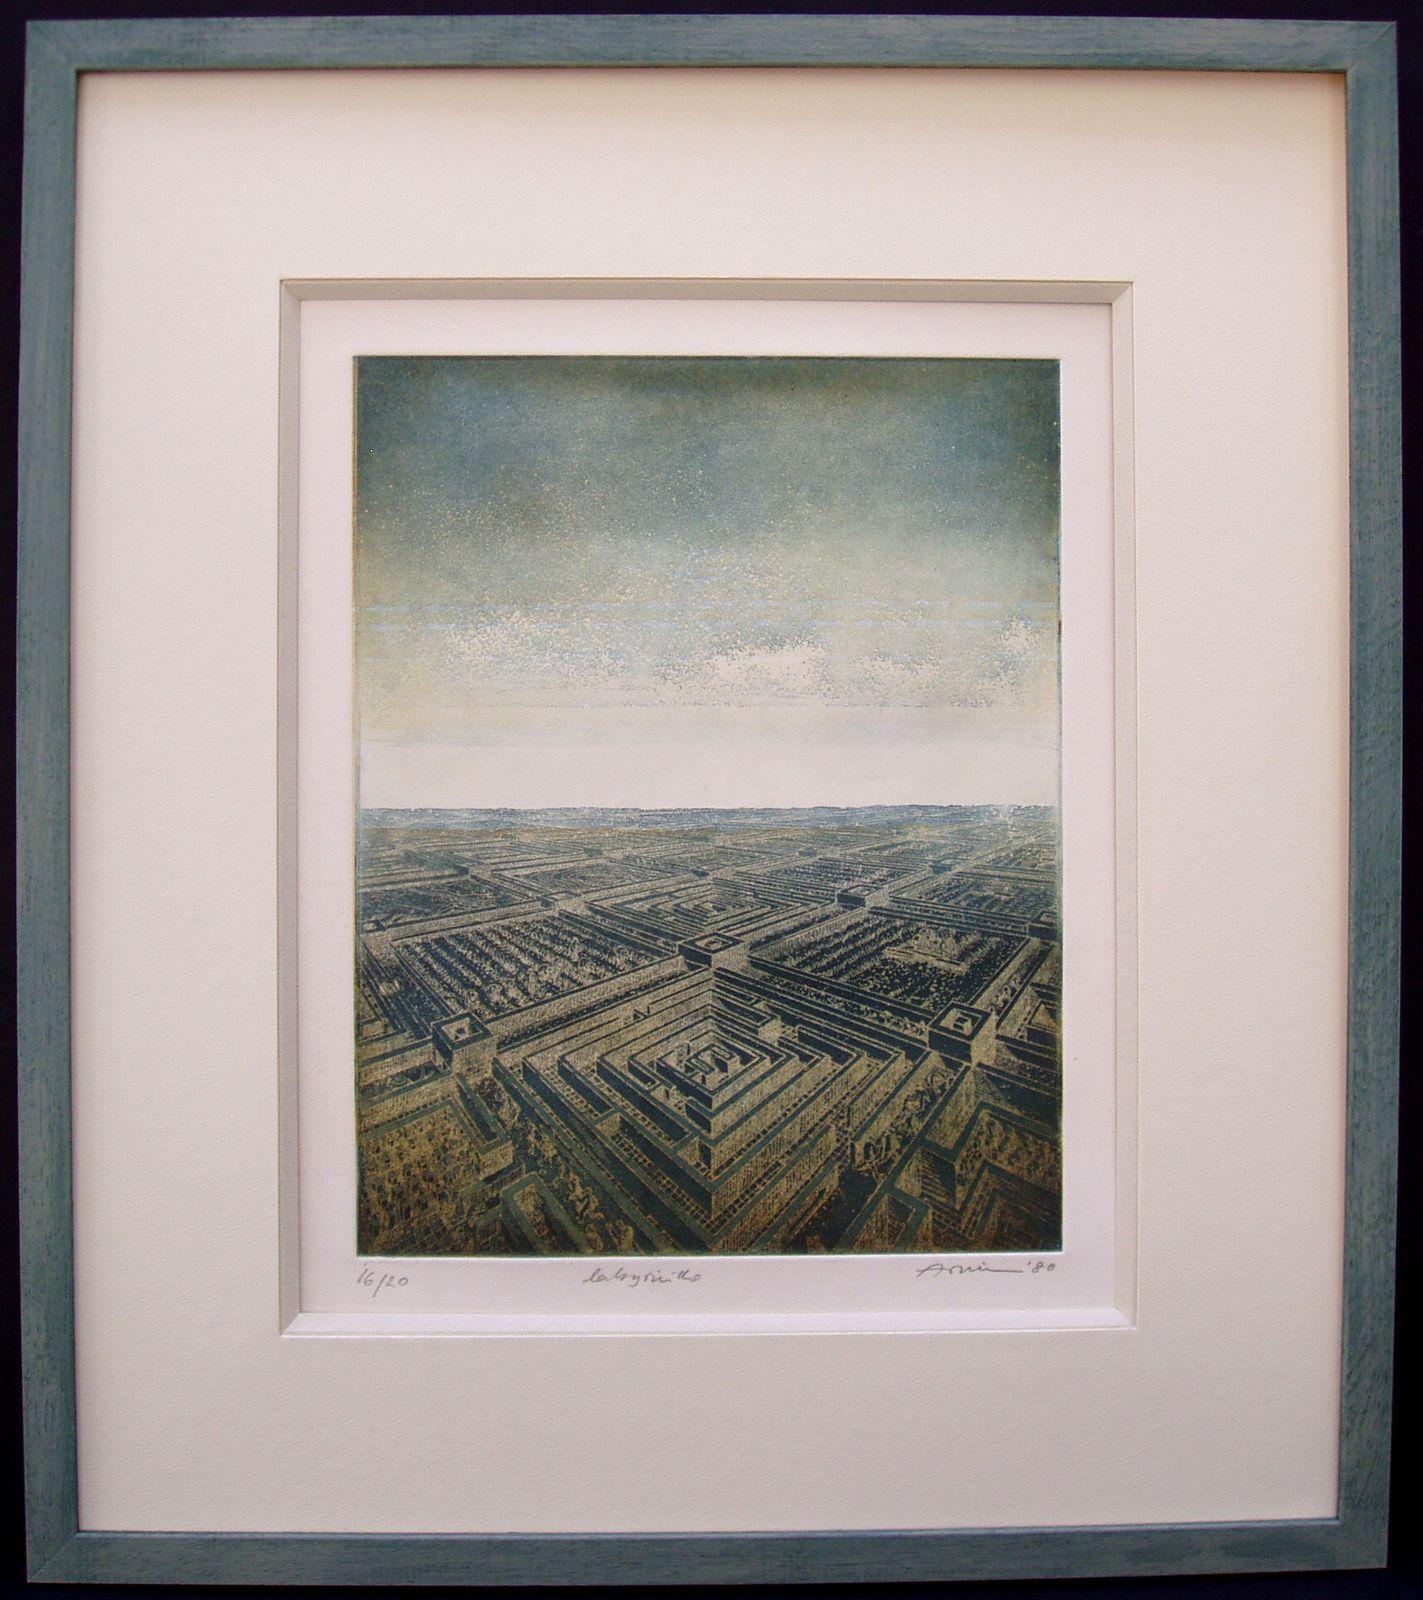 Christiane P. : Du blanc... et un cadre en bois, aquarellé couleur de ciel